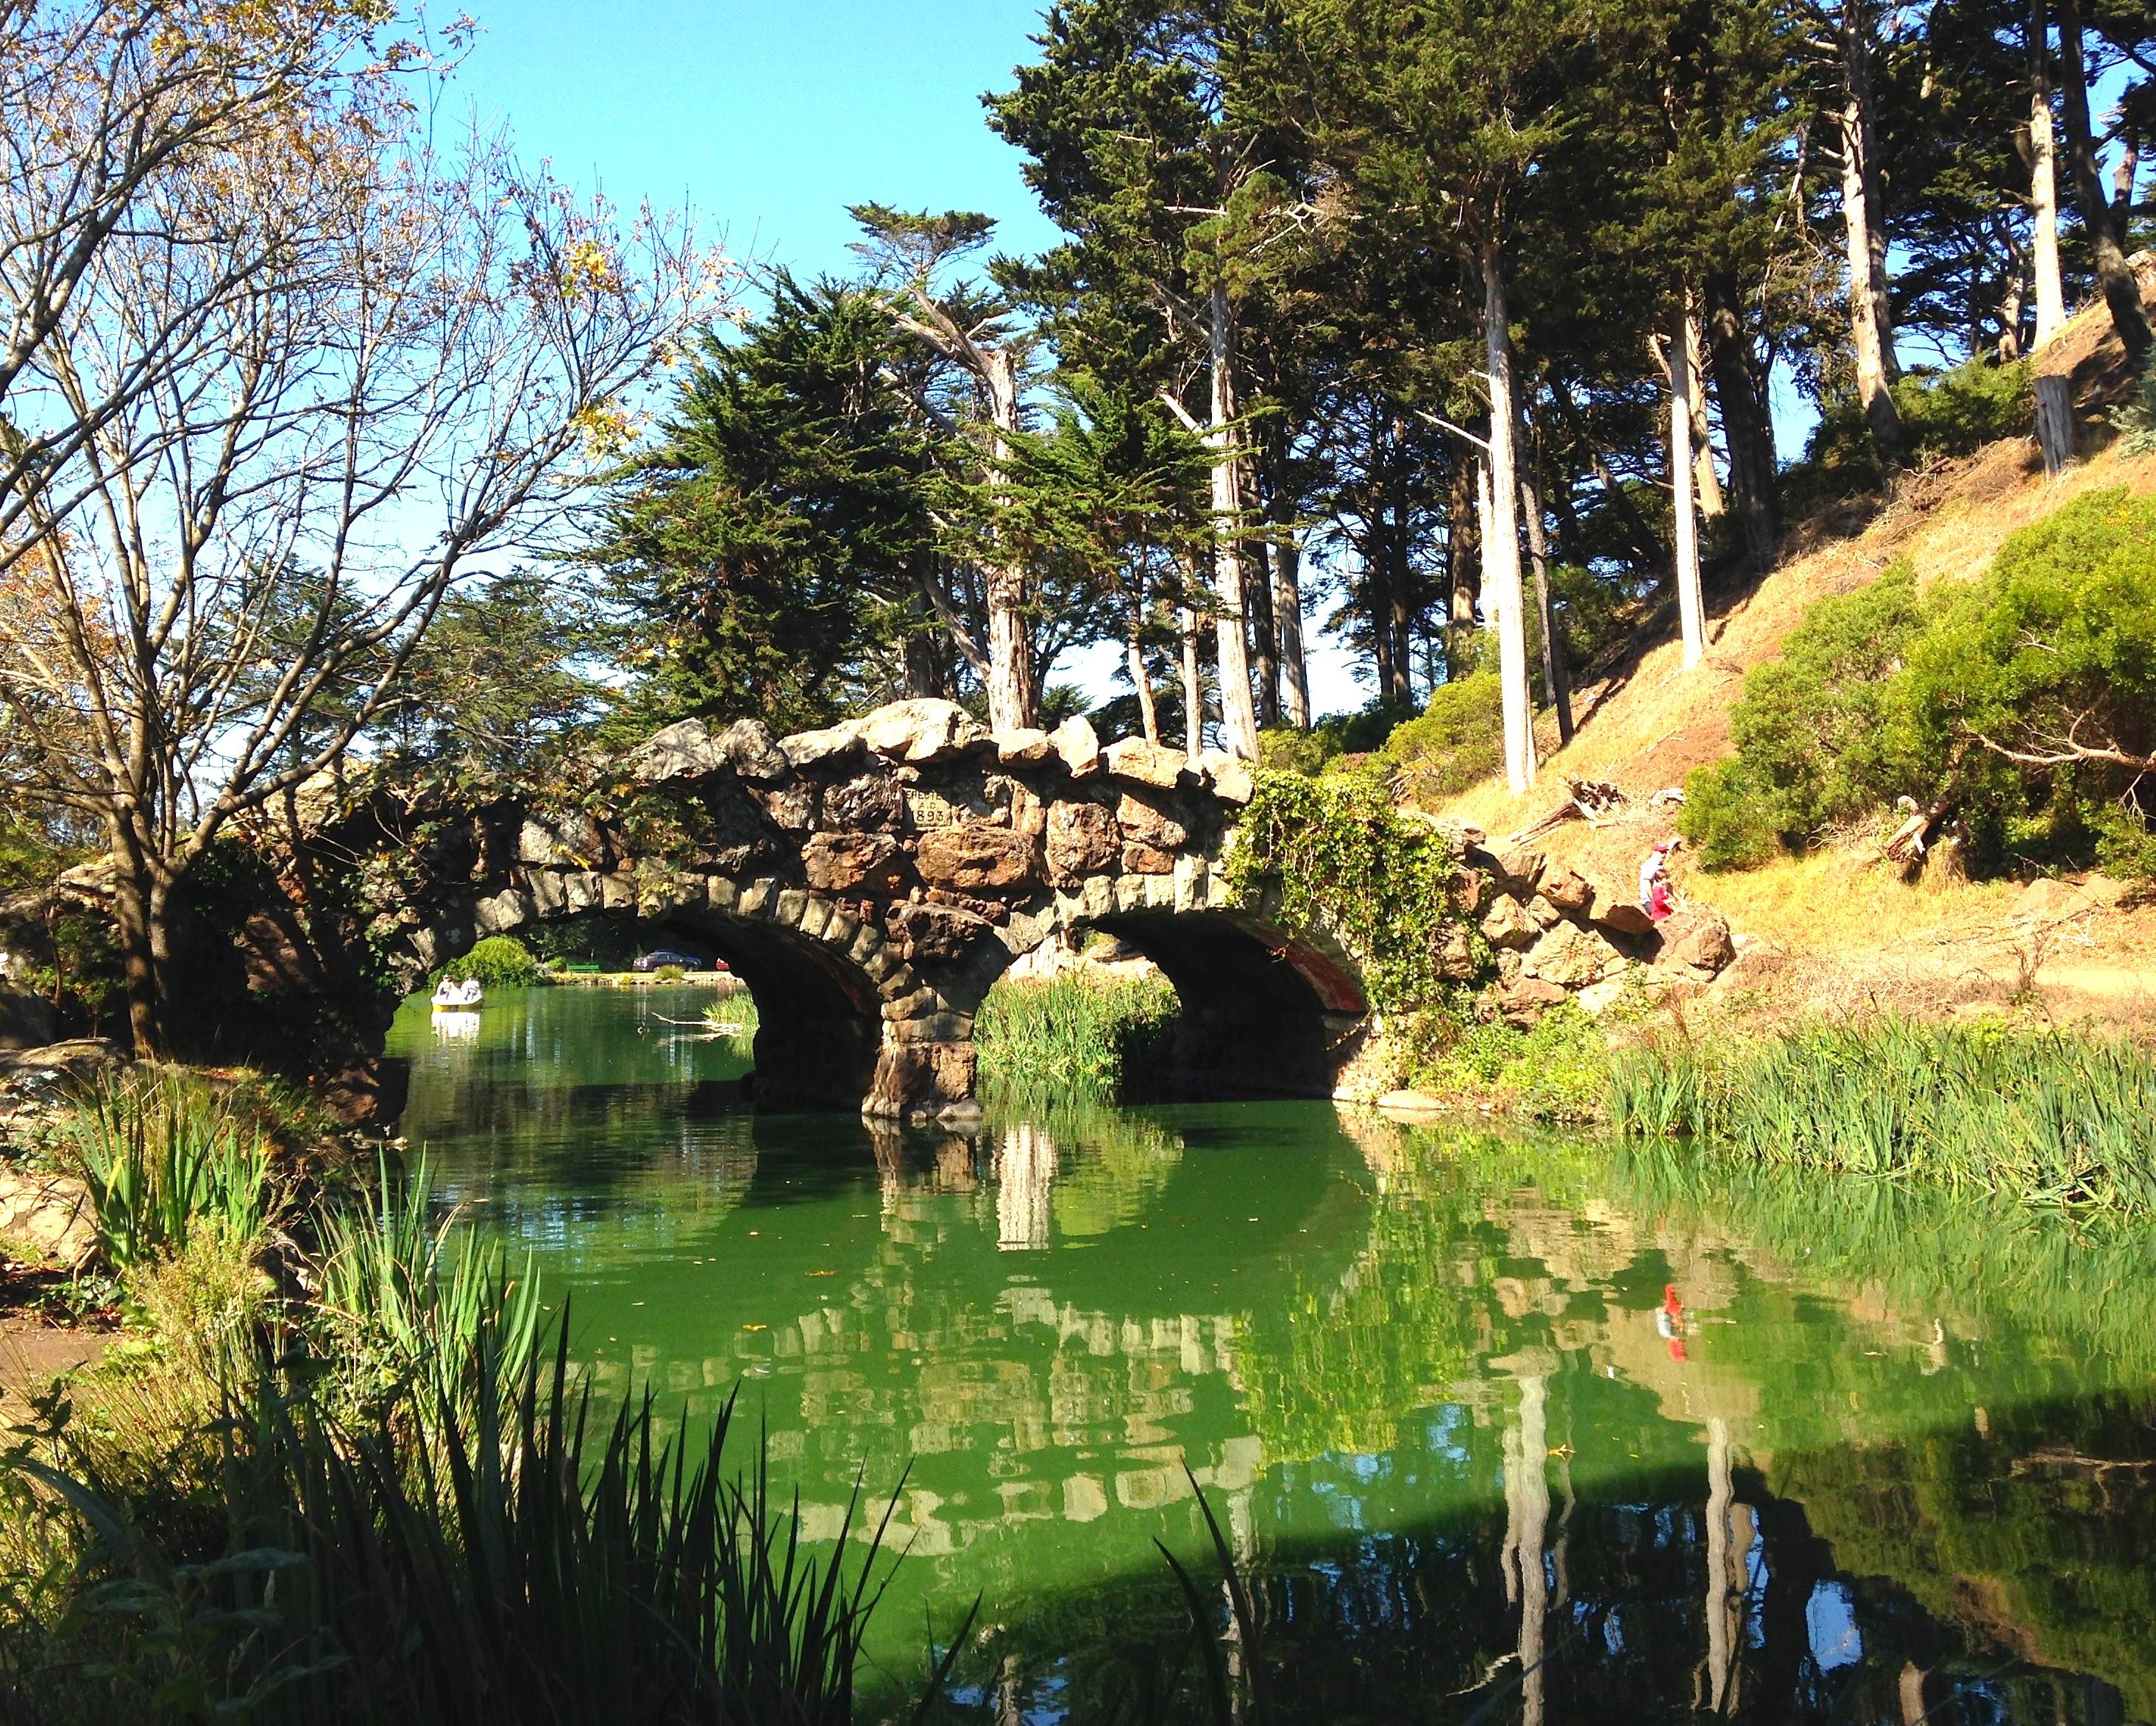 Golden Gate Park Hidden Budget Gem | Urban Backpacker